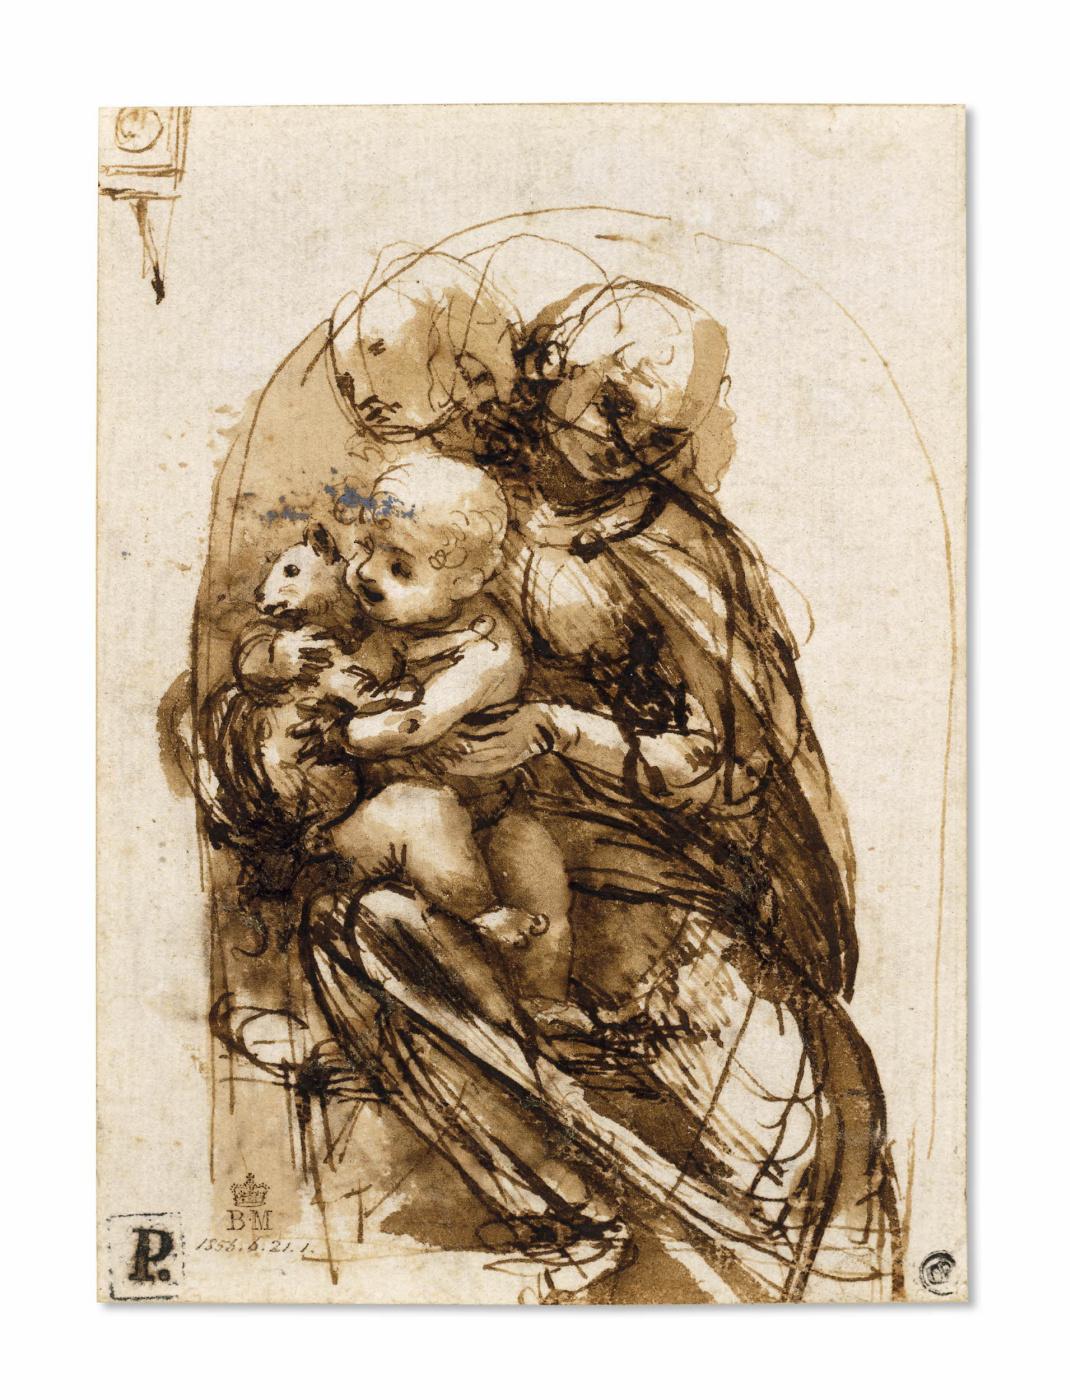 Леонардо да Винчи. Мадонна с младенцем и котом (набросок)